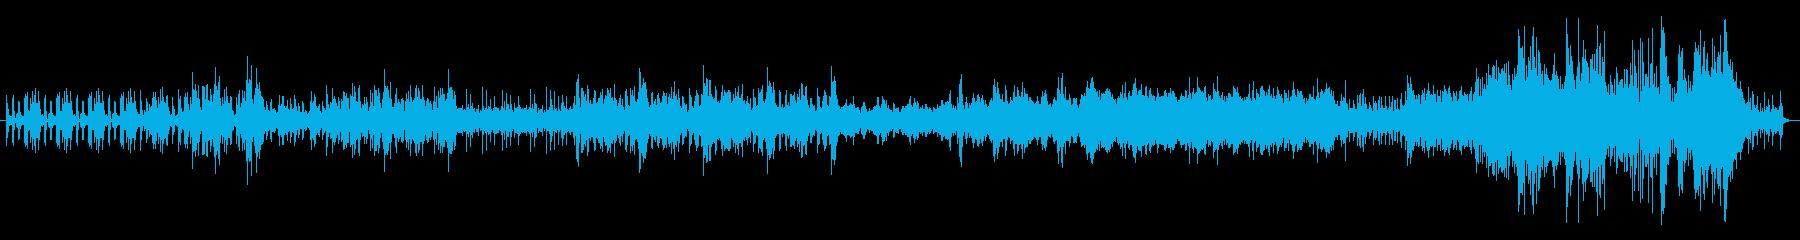 工業騒音で作った曲の再生済みの波形